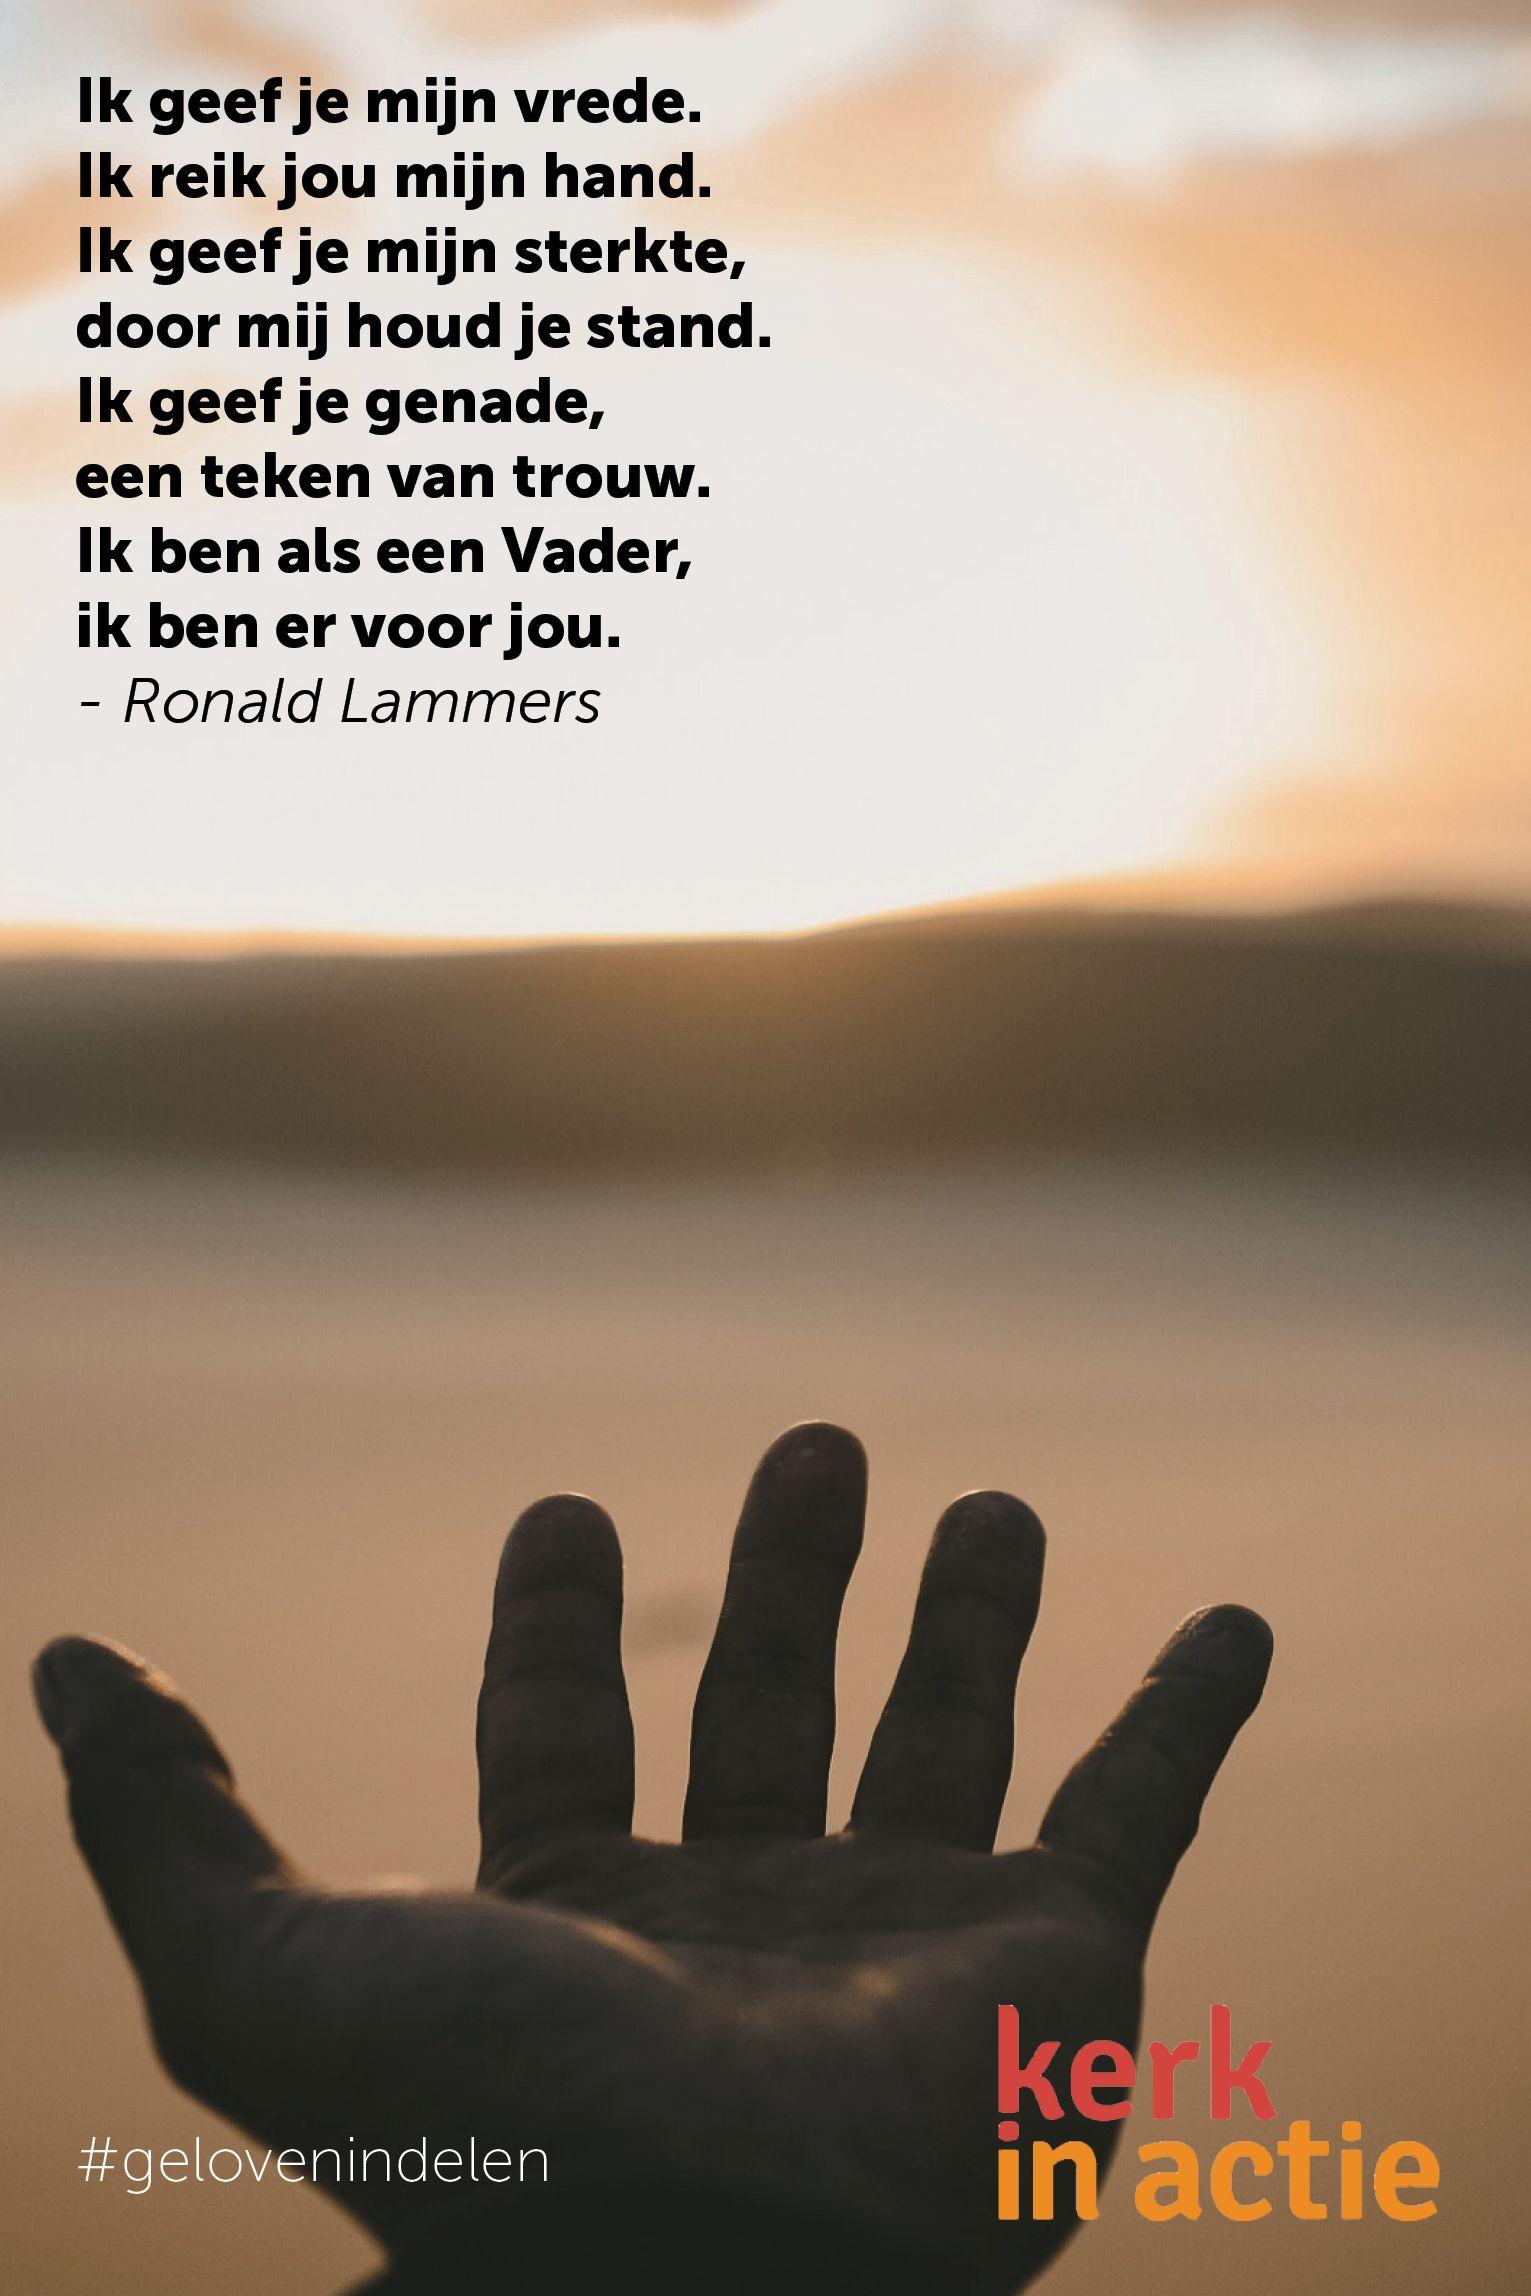 Pin Van Kerk In Actie Op Geloven In Delen Vrede Gebed Vader